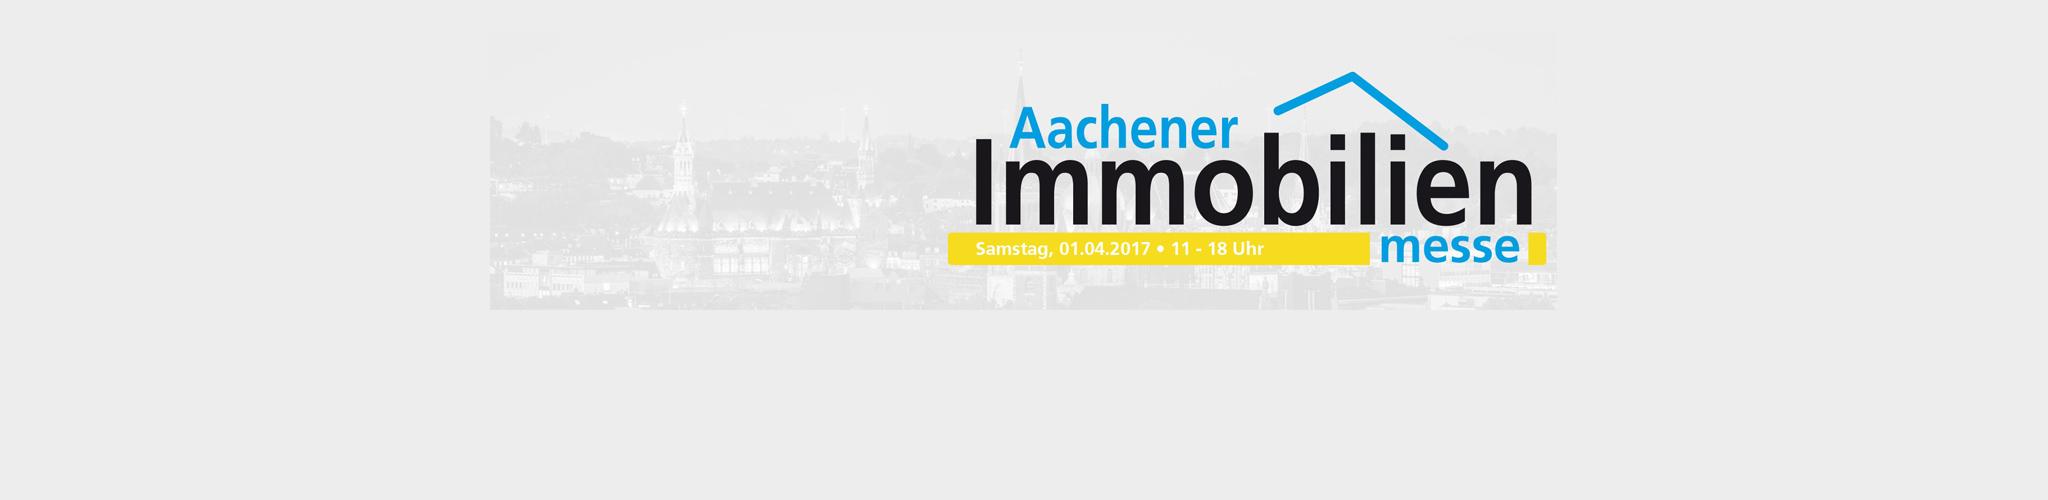 Immobilien Messe Aachen 2017